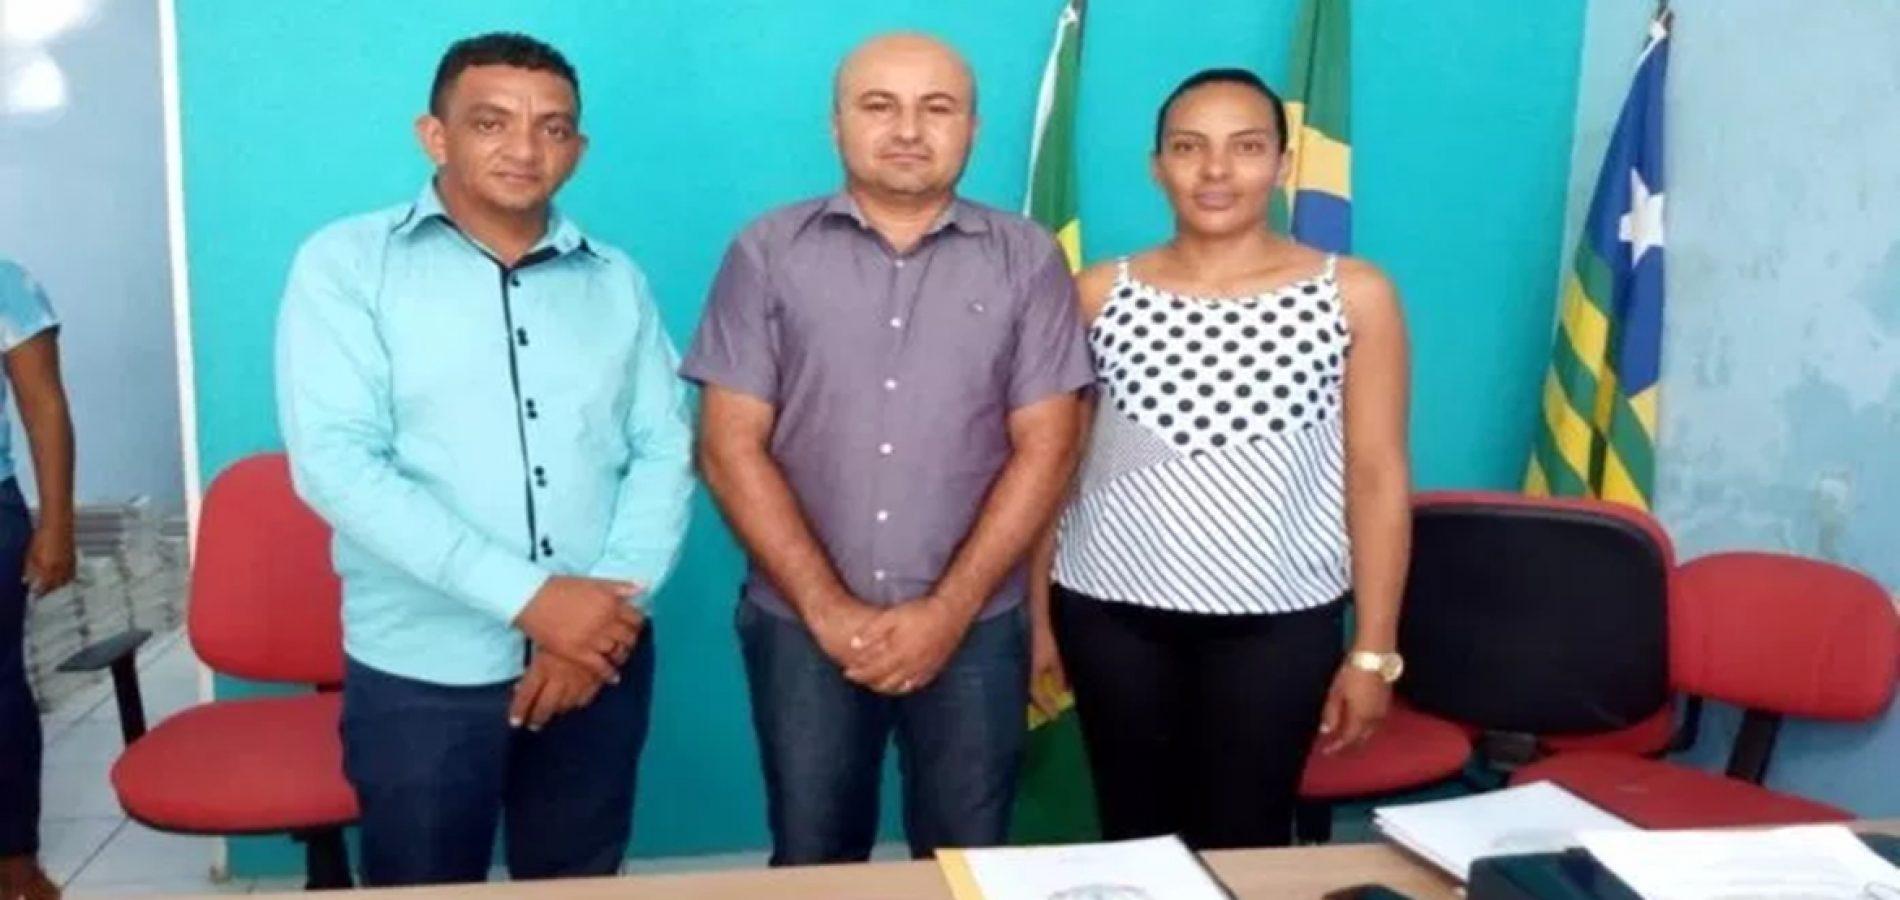 Adenilton de Olavo é eleito presidente da Câmara  de Vera Mendes para o biênio 2019/2020